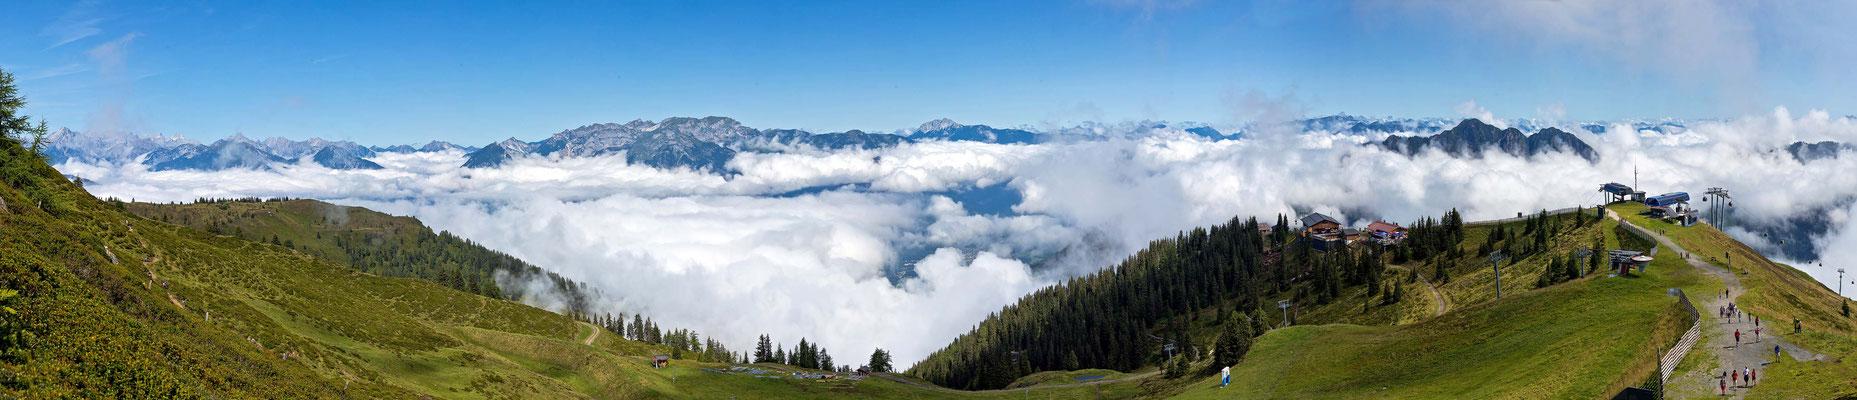 Auf dem Gipfel im Alpbachtal